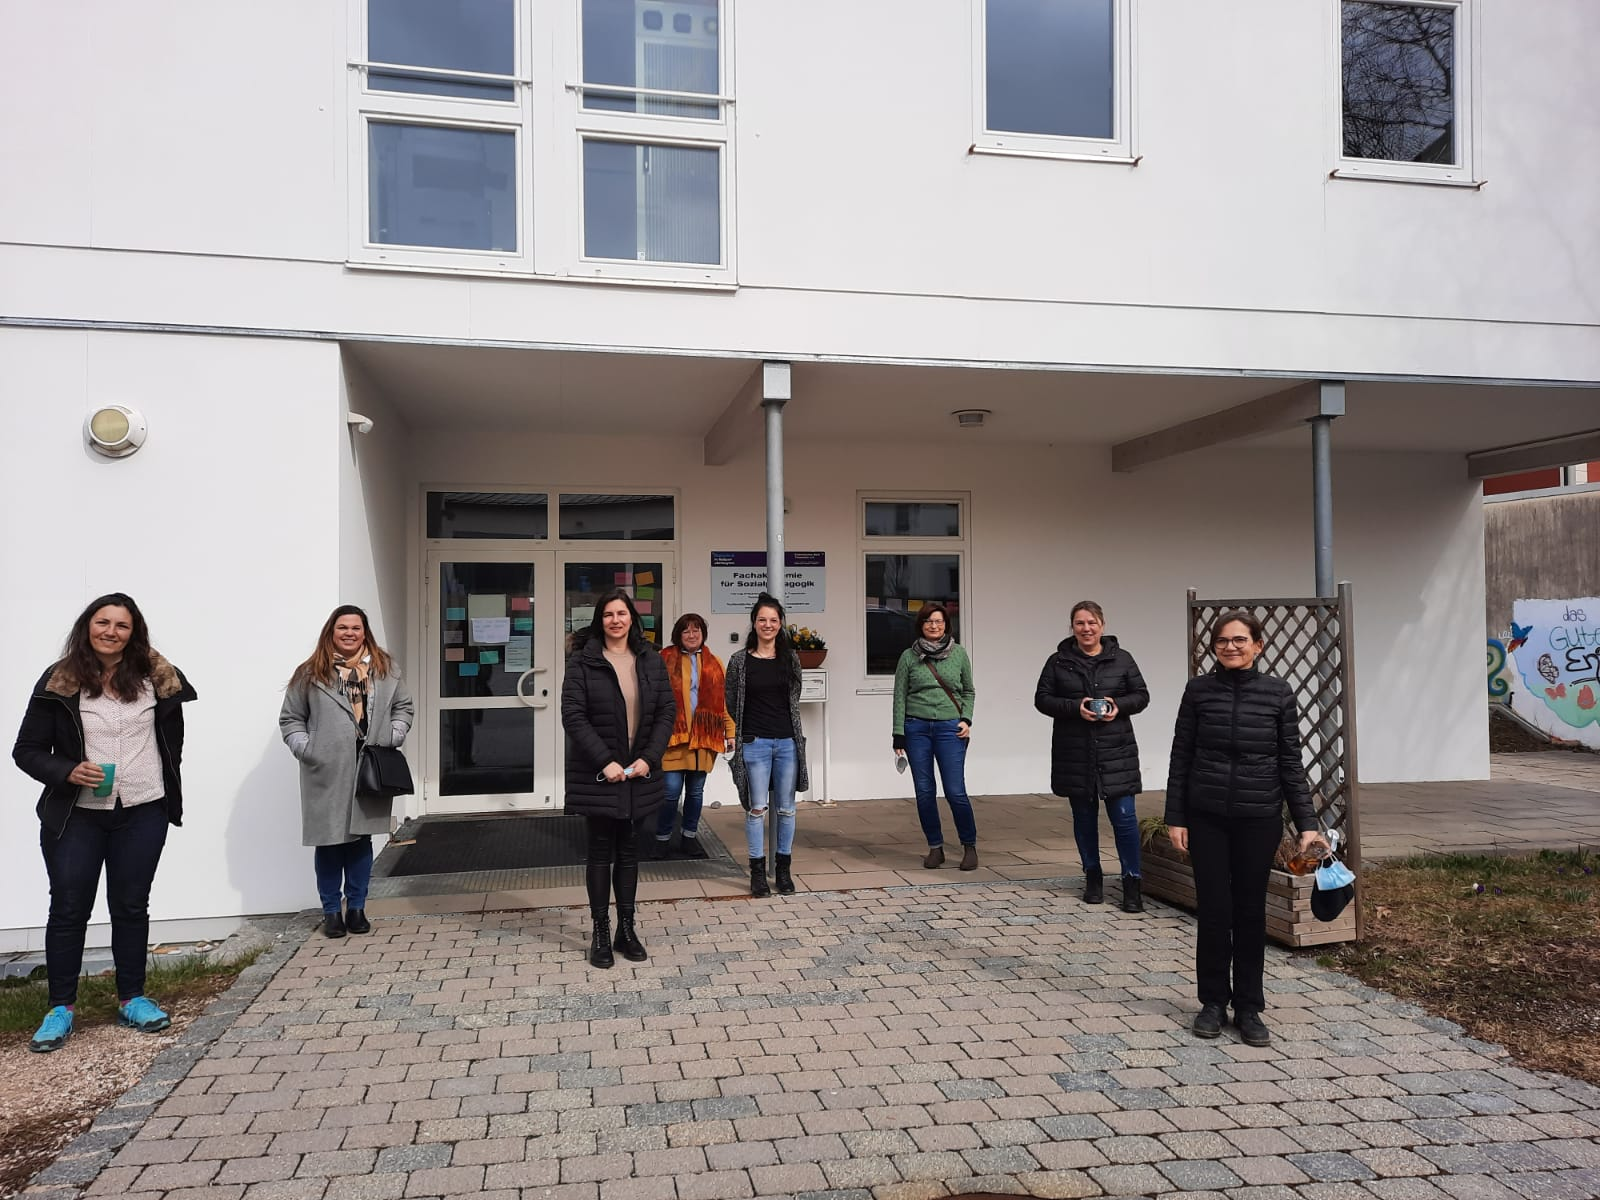 Teilnehmerinnen am FPG-Abschlusstest 2021 in Traunstein